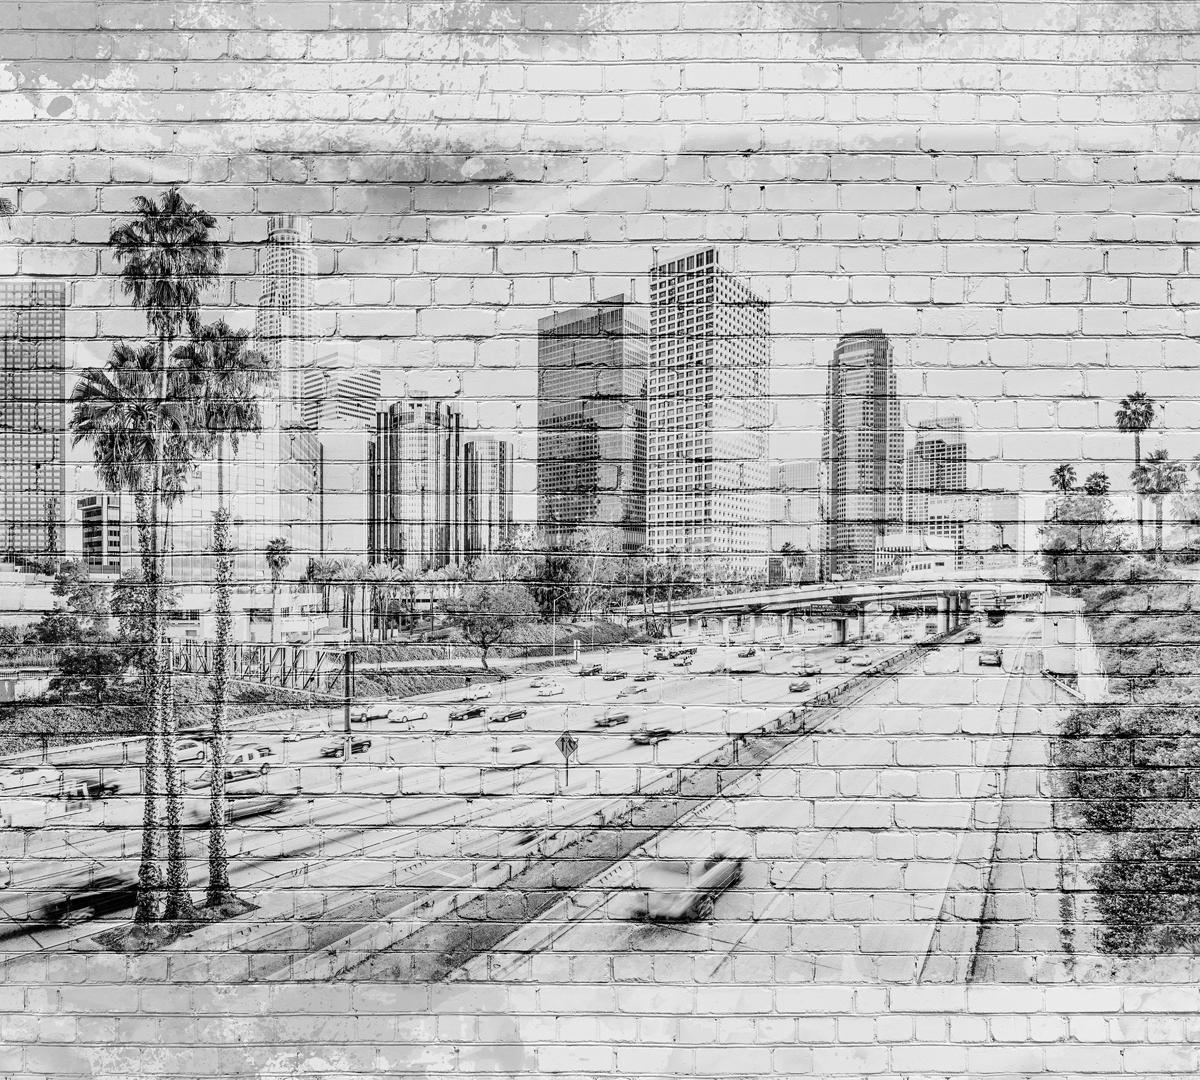 Фотообои Barton Wallpapers Города, 300 x 270 см. U33003U33003Флизелиновые фотообои Barton Wallpapers Города. Превосходное цифровое качество изображения, экологичные, износостойкие, не пахнут, стойки к выцветанию, просты в поклейке. Размер: ширина 300 см, длина 270 см.